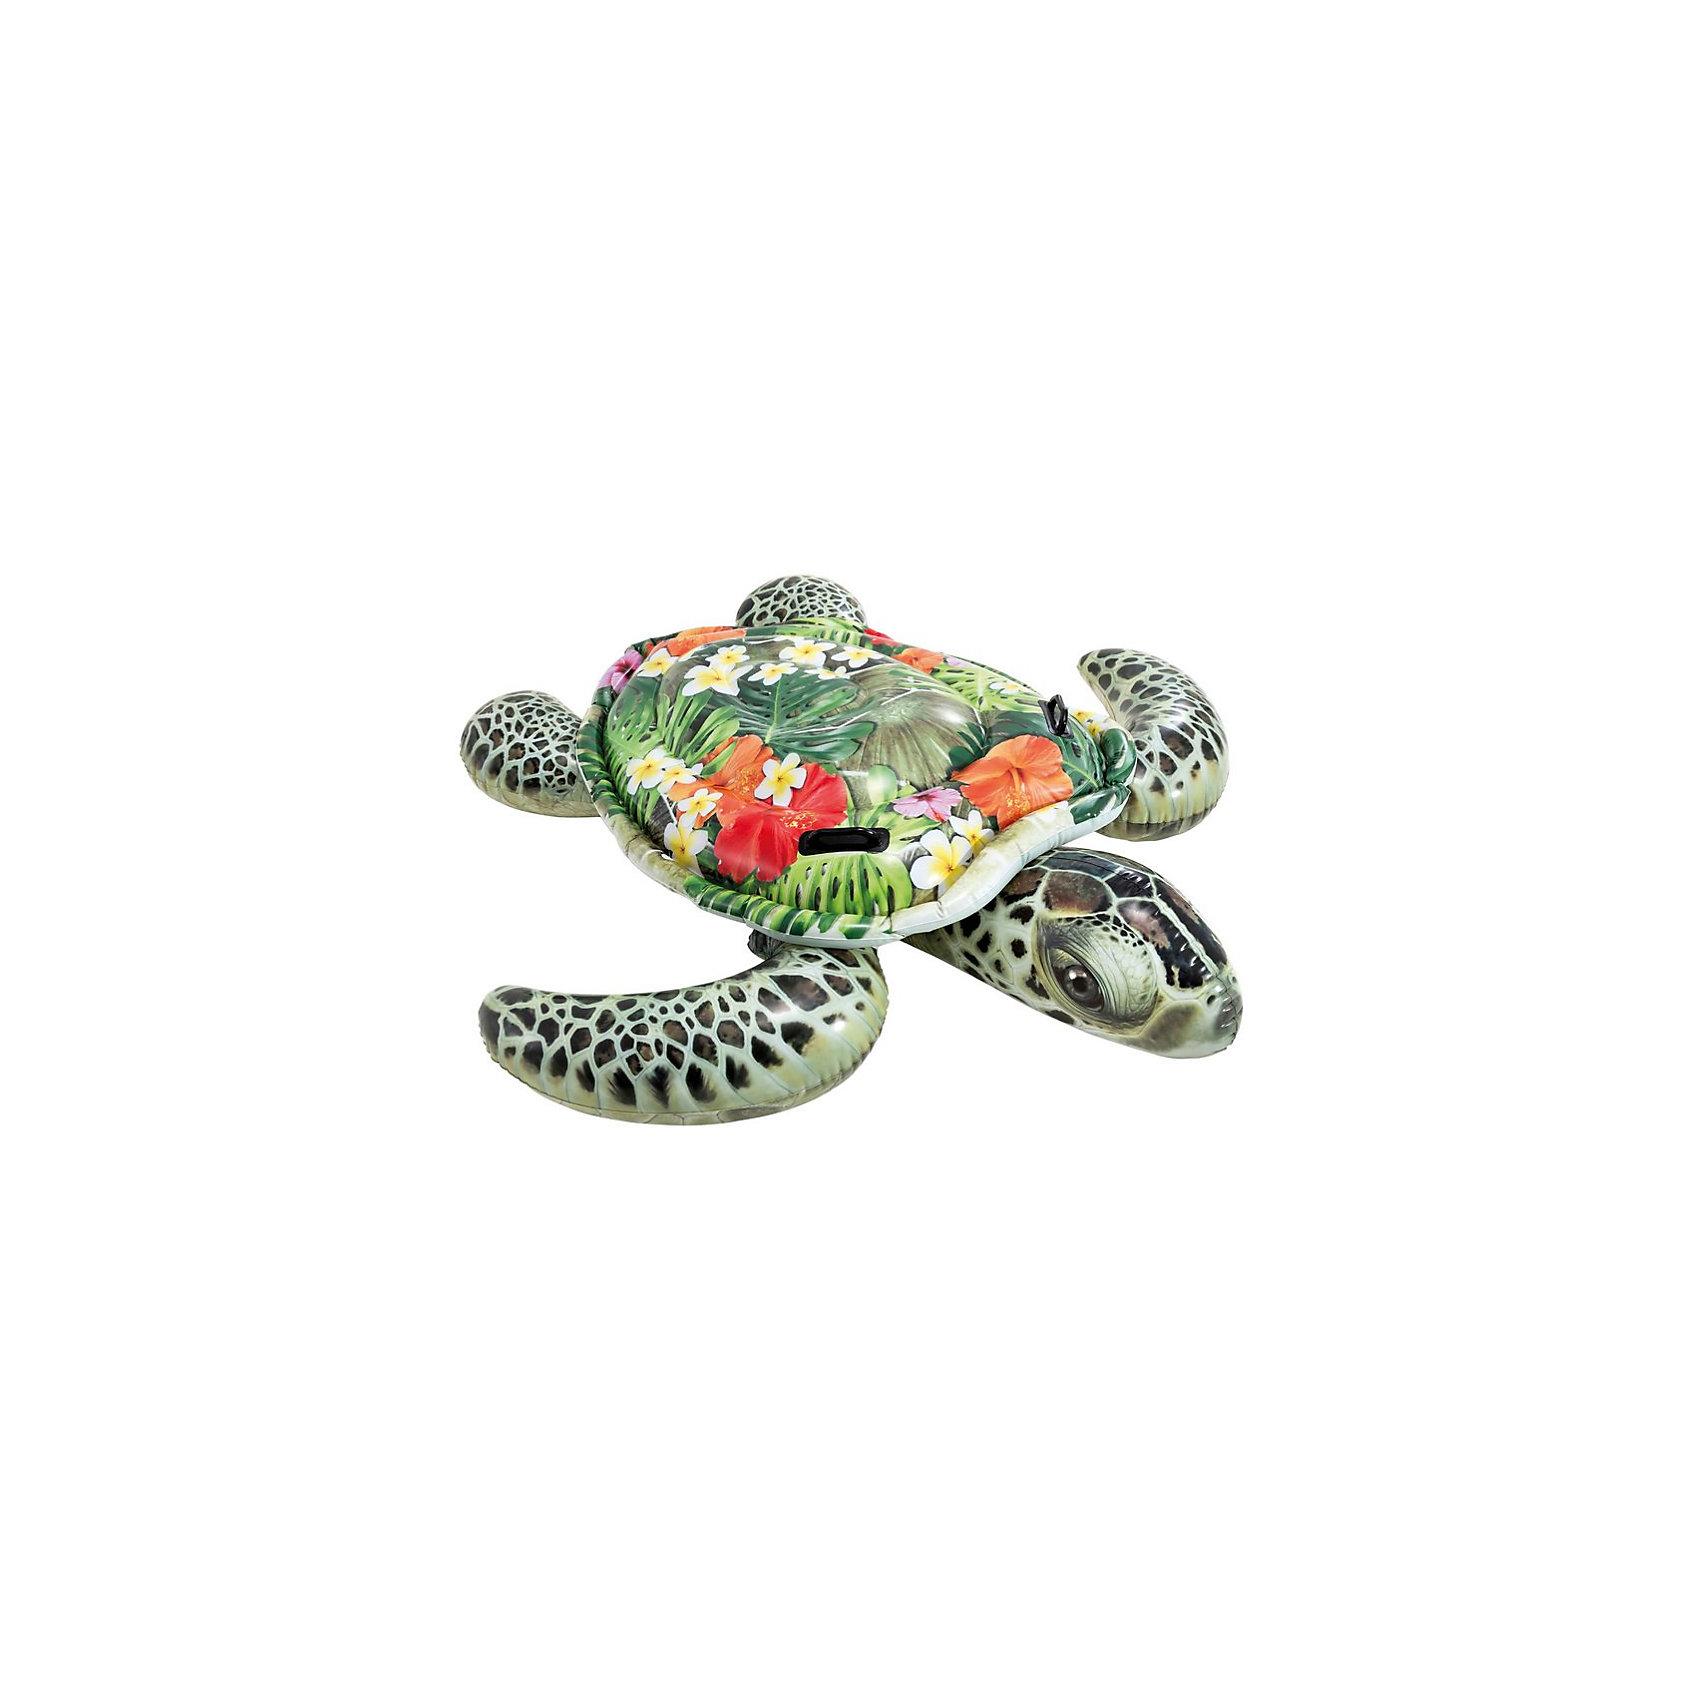 Надувная игрушка-плот Морская черепаха, с ручками, IntexМатрасы и лодки<br><br><br>Ширина мм: 95<br>Глубина мм: 267<br>Высота мм: 244<br>Вес г: 1808<br>Цвет: зеленый<br>Возраст от месяцев: 36<br>Возраст до месяцев: 1164<br>Пол: Унисекс<br>Возраст: Детский<br>SKU: 4968677